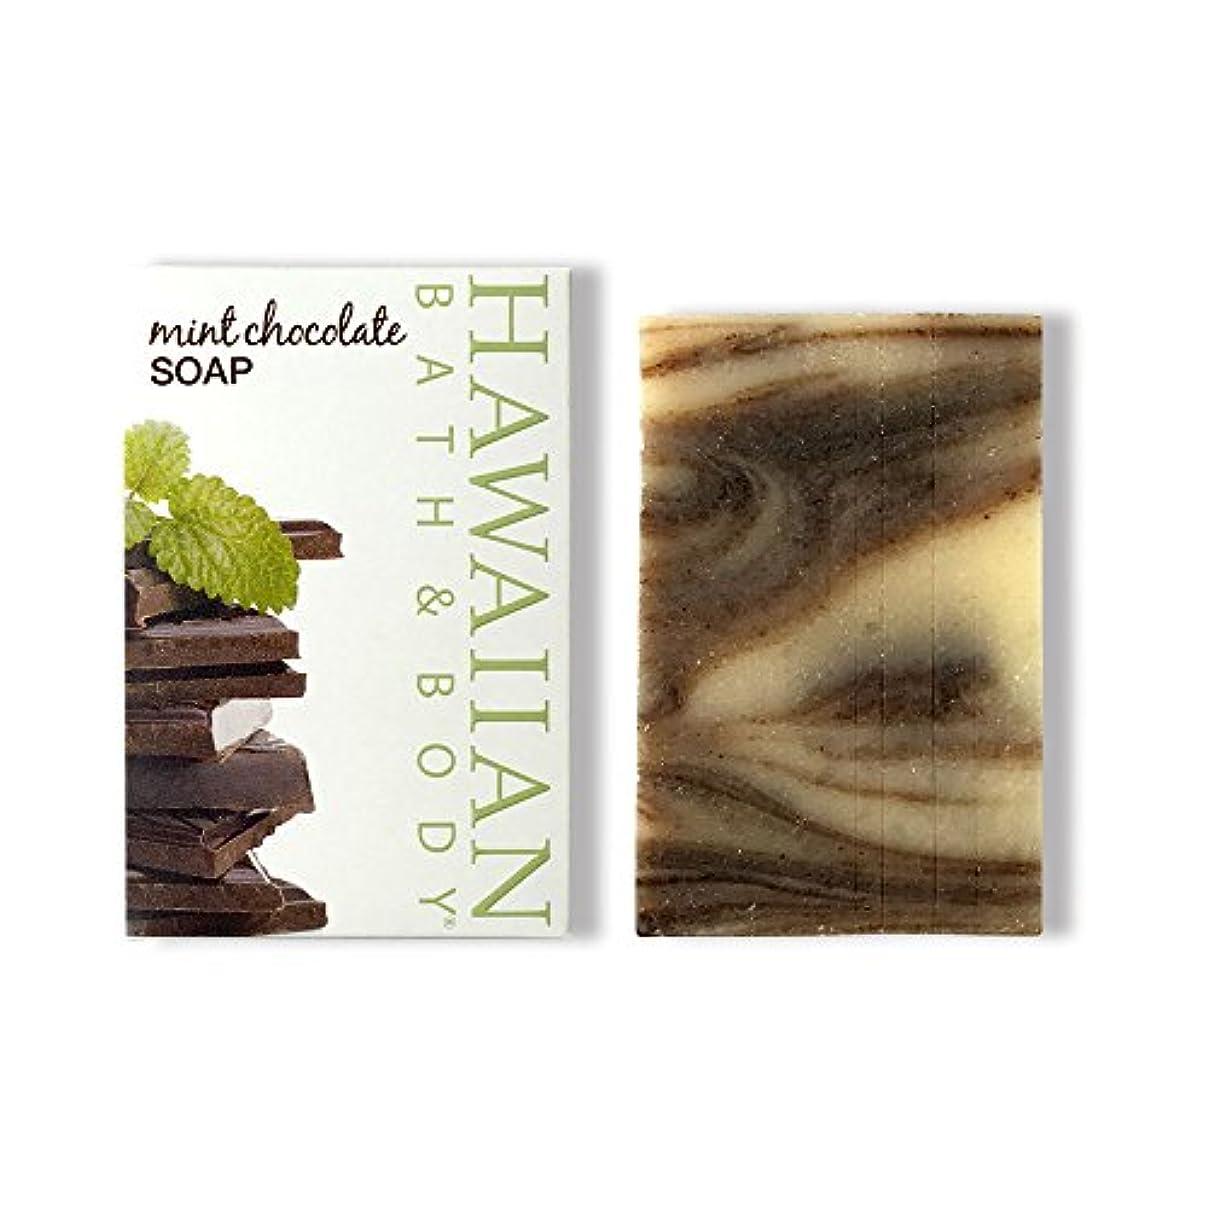 パッチ組み込むロッドハワイアンバス&ボディ ハワイアン・ミントチョコレートソープ ( Hawaii Mint Chocolate Soap )